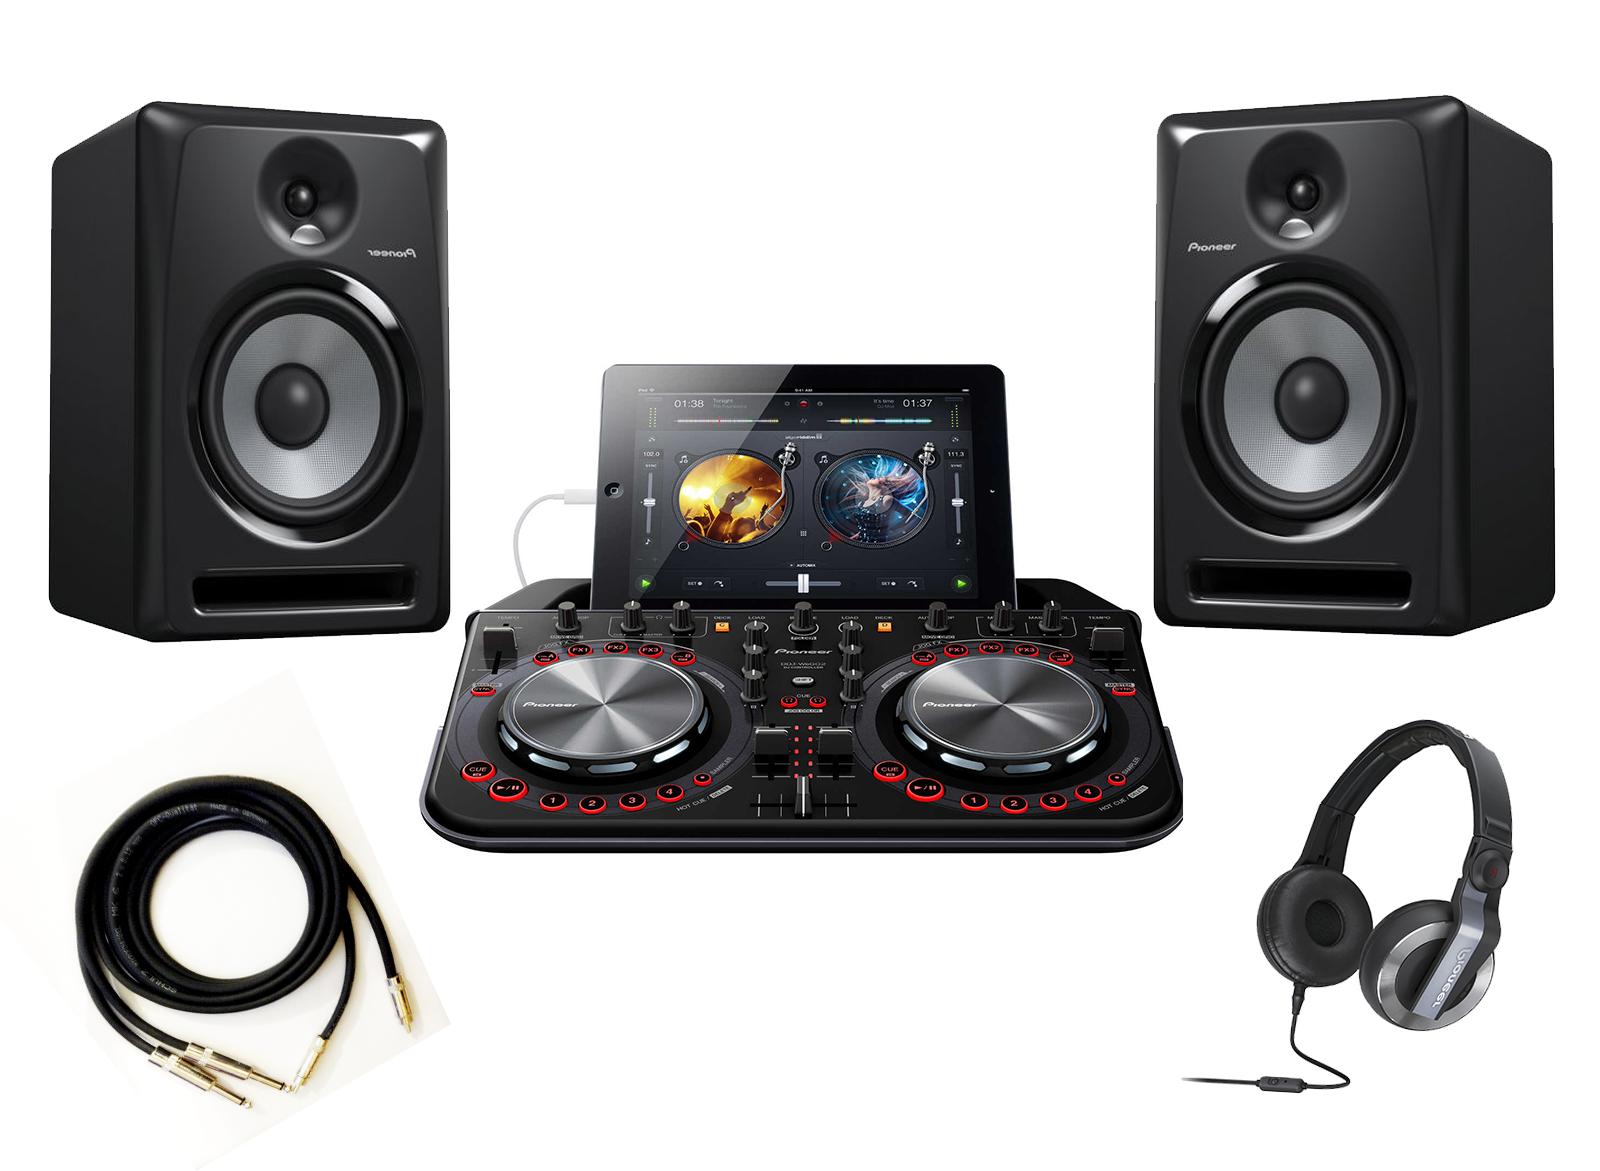 Акция - комплект Pioneer DJ SET + Подарки